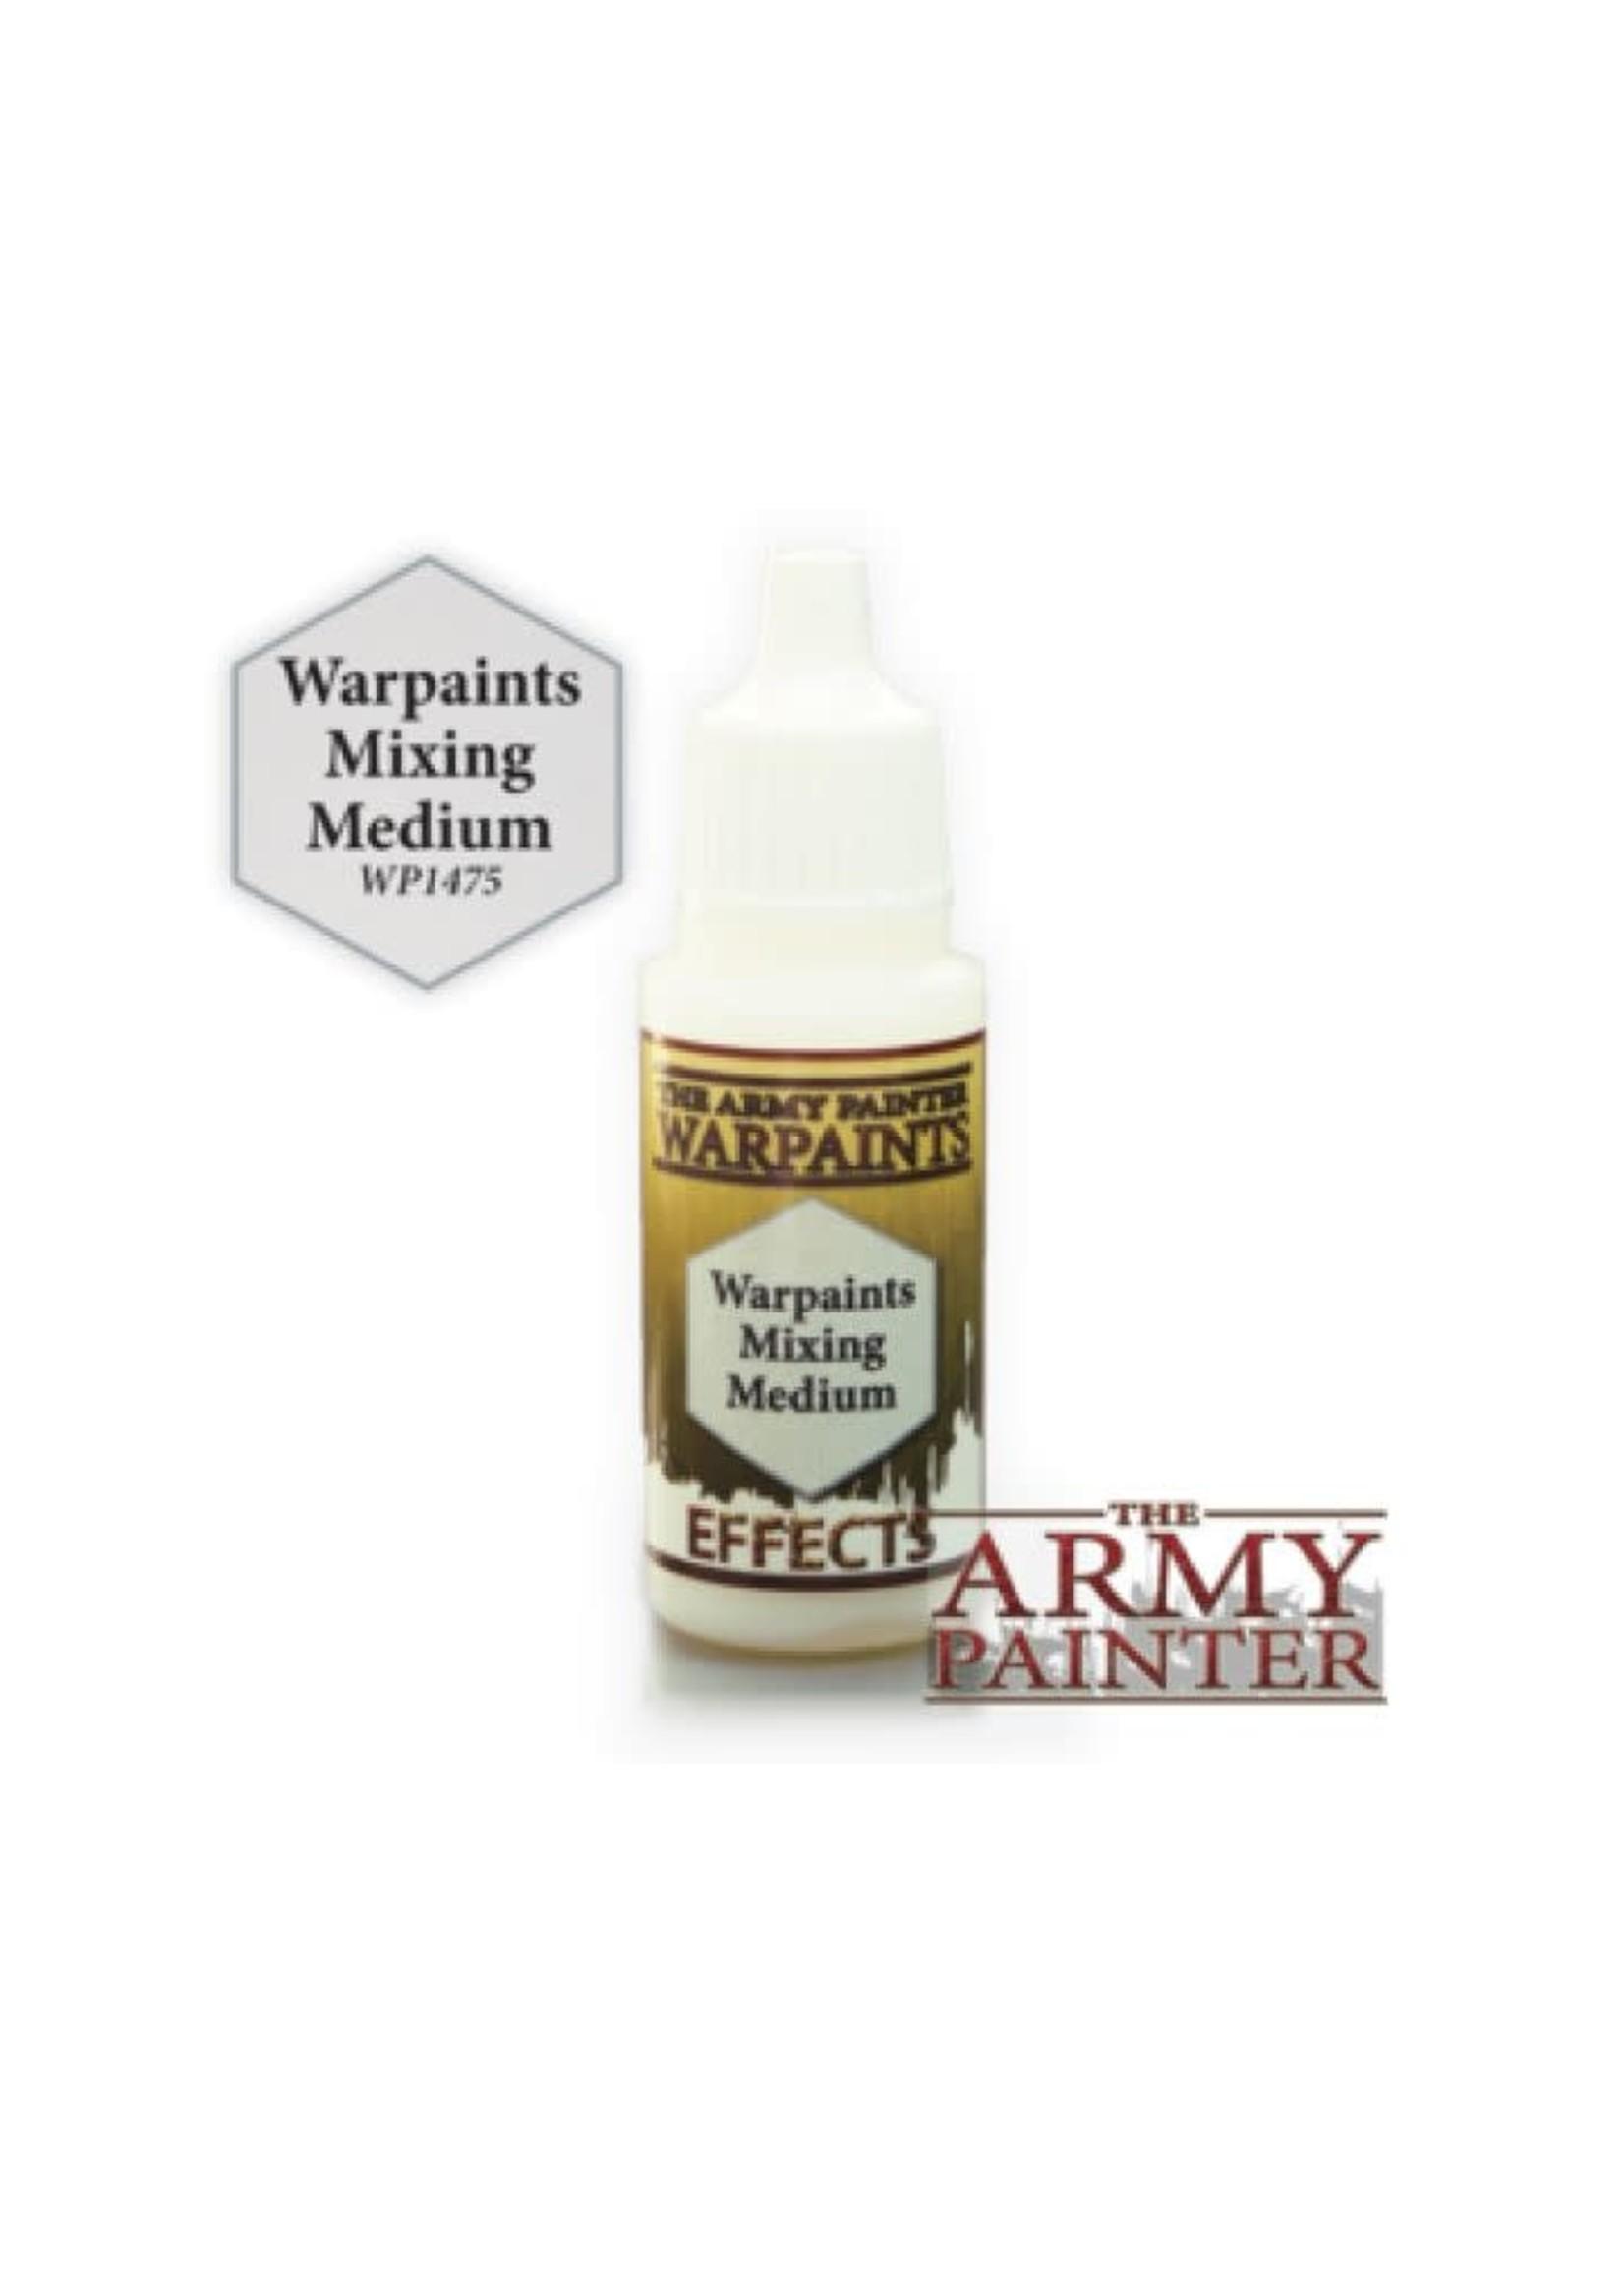 Army Painter Warpaints - Warpaints Mixing Medium Wp1475